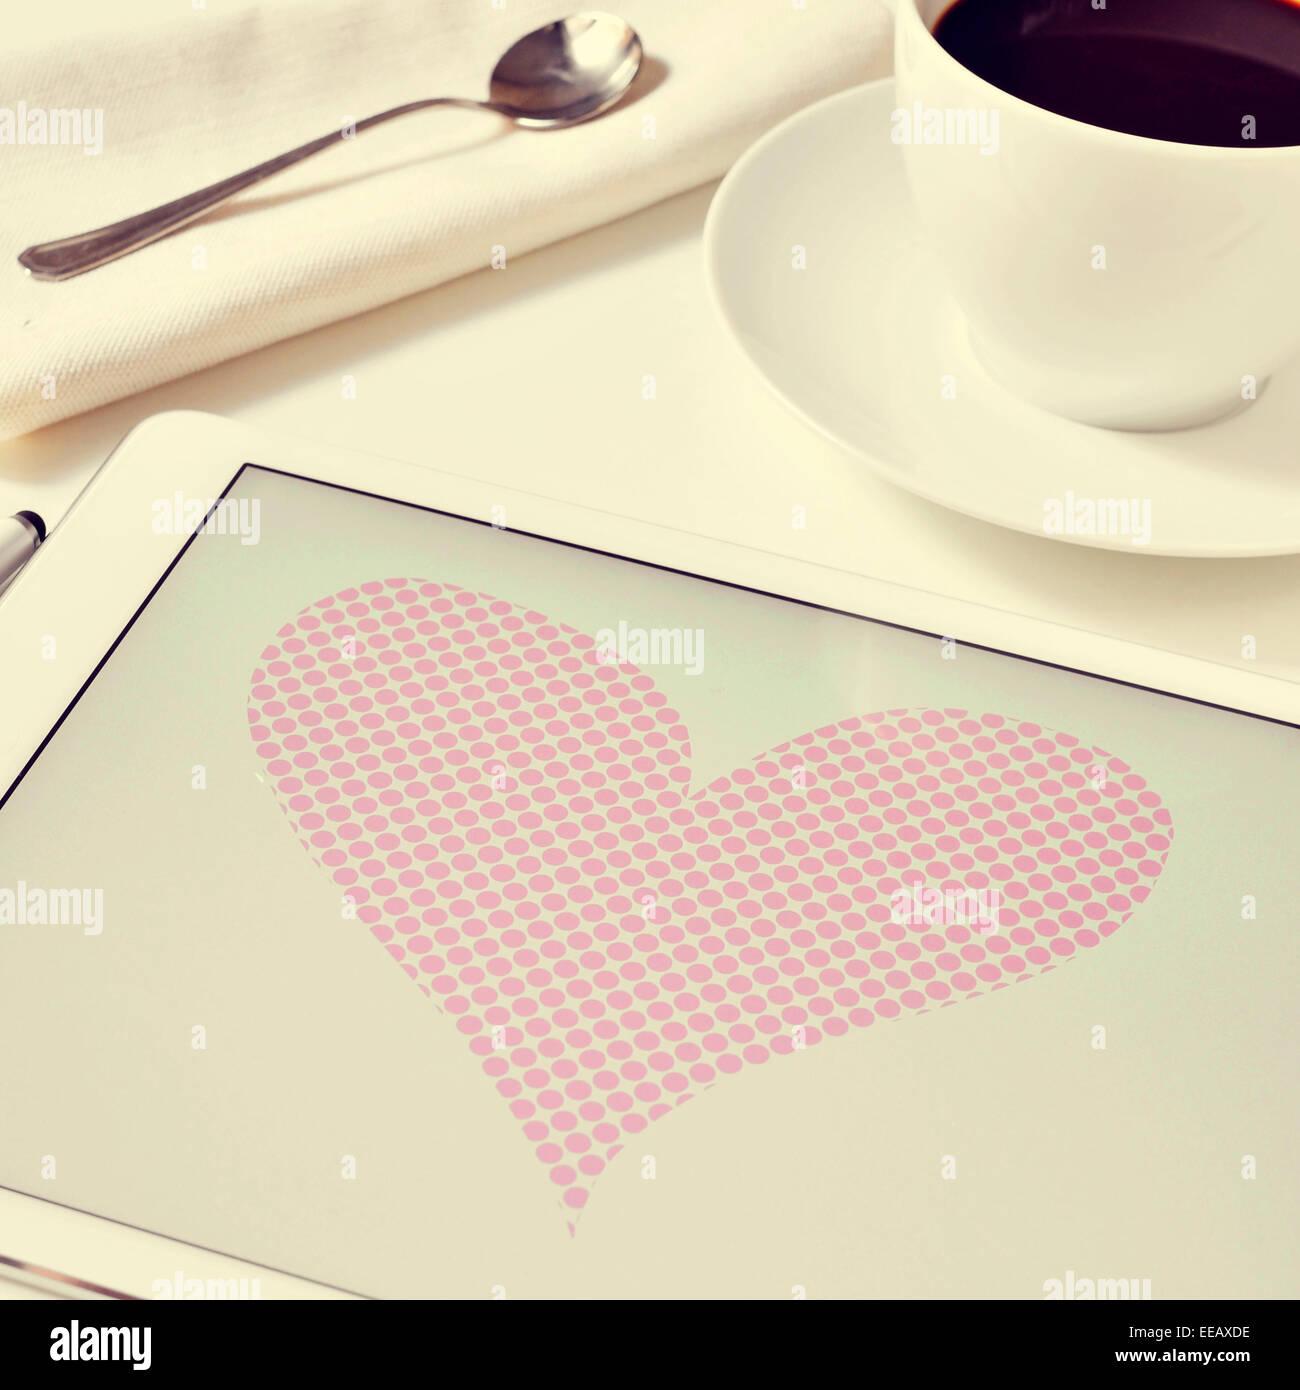 ein Herz, gezeichnet in einem Grafik-Editor eines Tablet-PCs auf einen Tisch für das Frühstück Stockbild